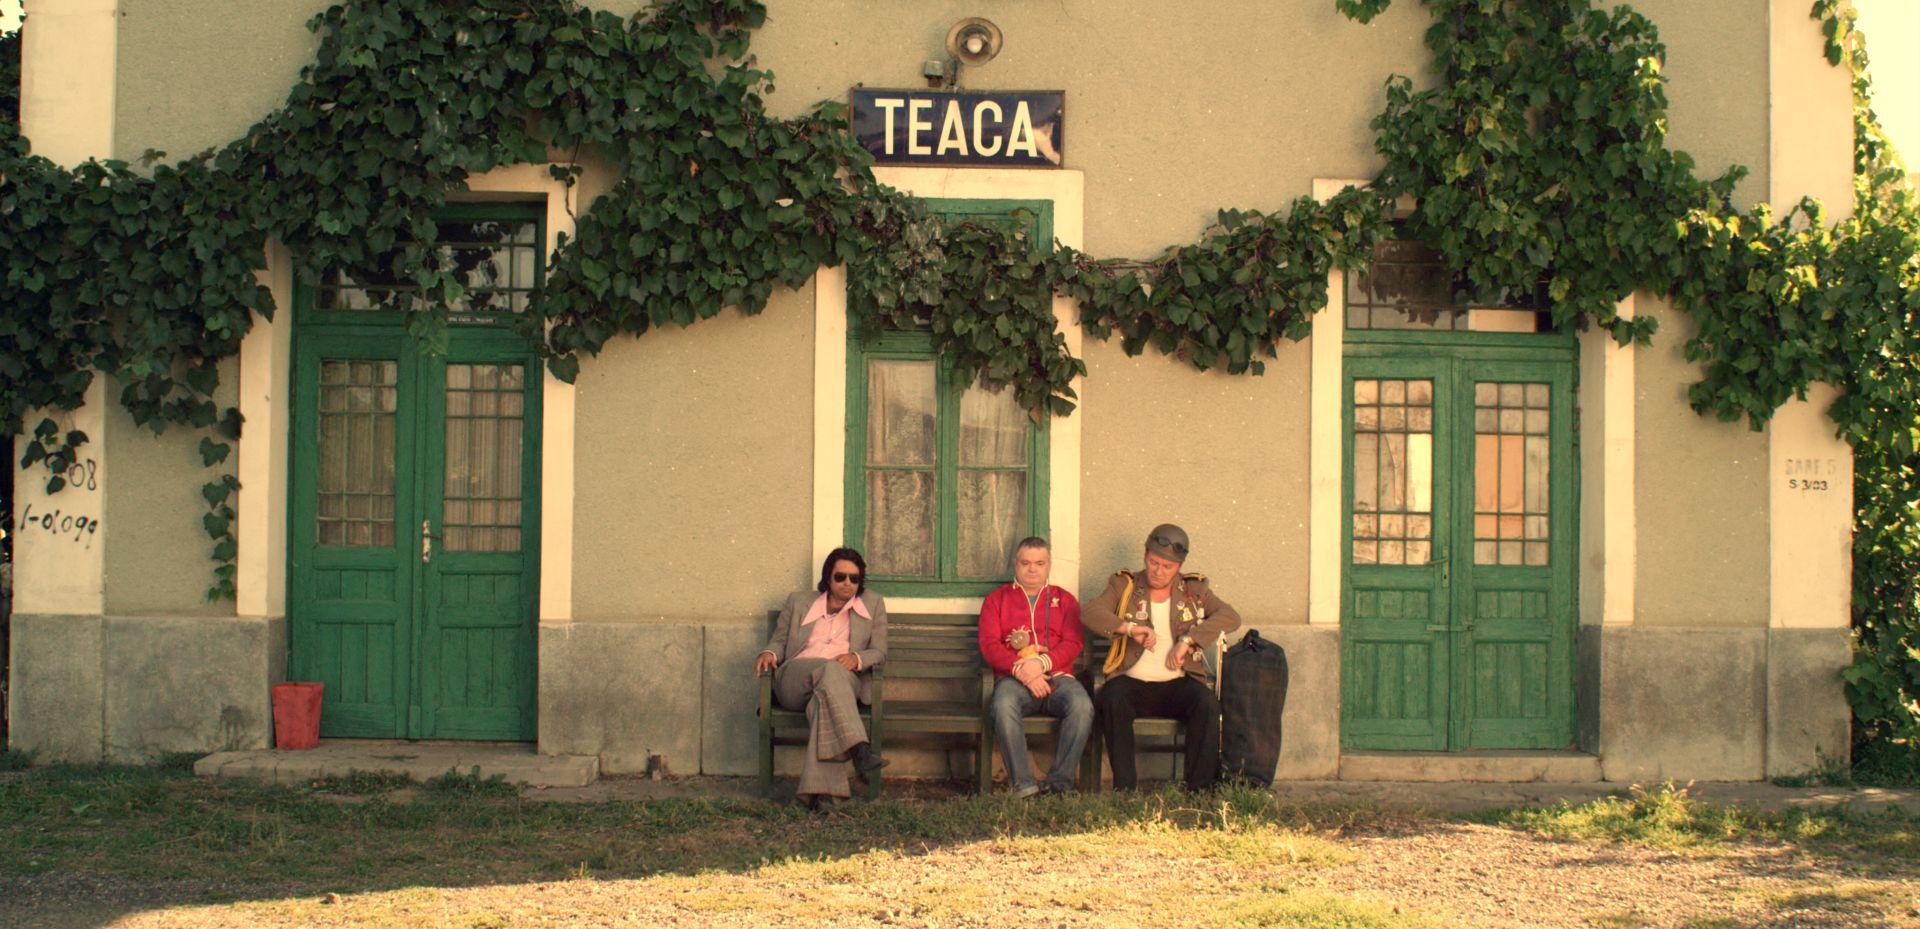 Gara din Teaca, platou de filmare pentru primul lung metraj produs100% in judetul Mures